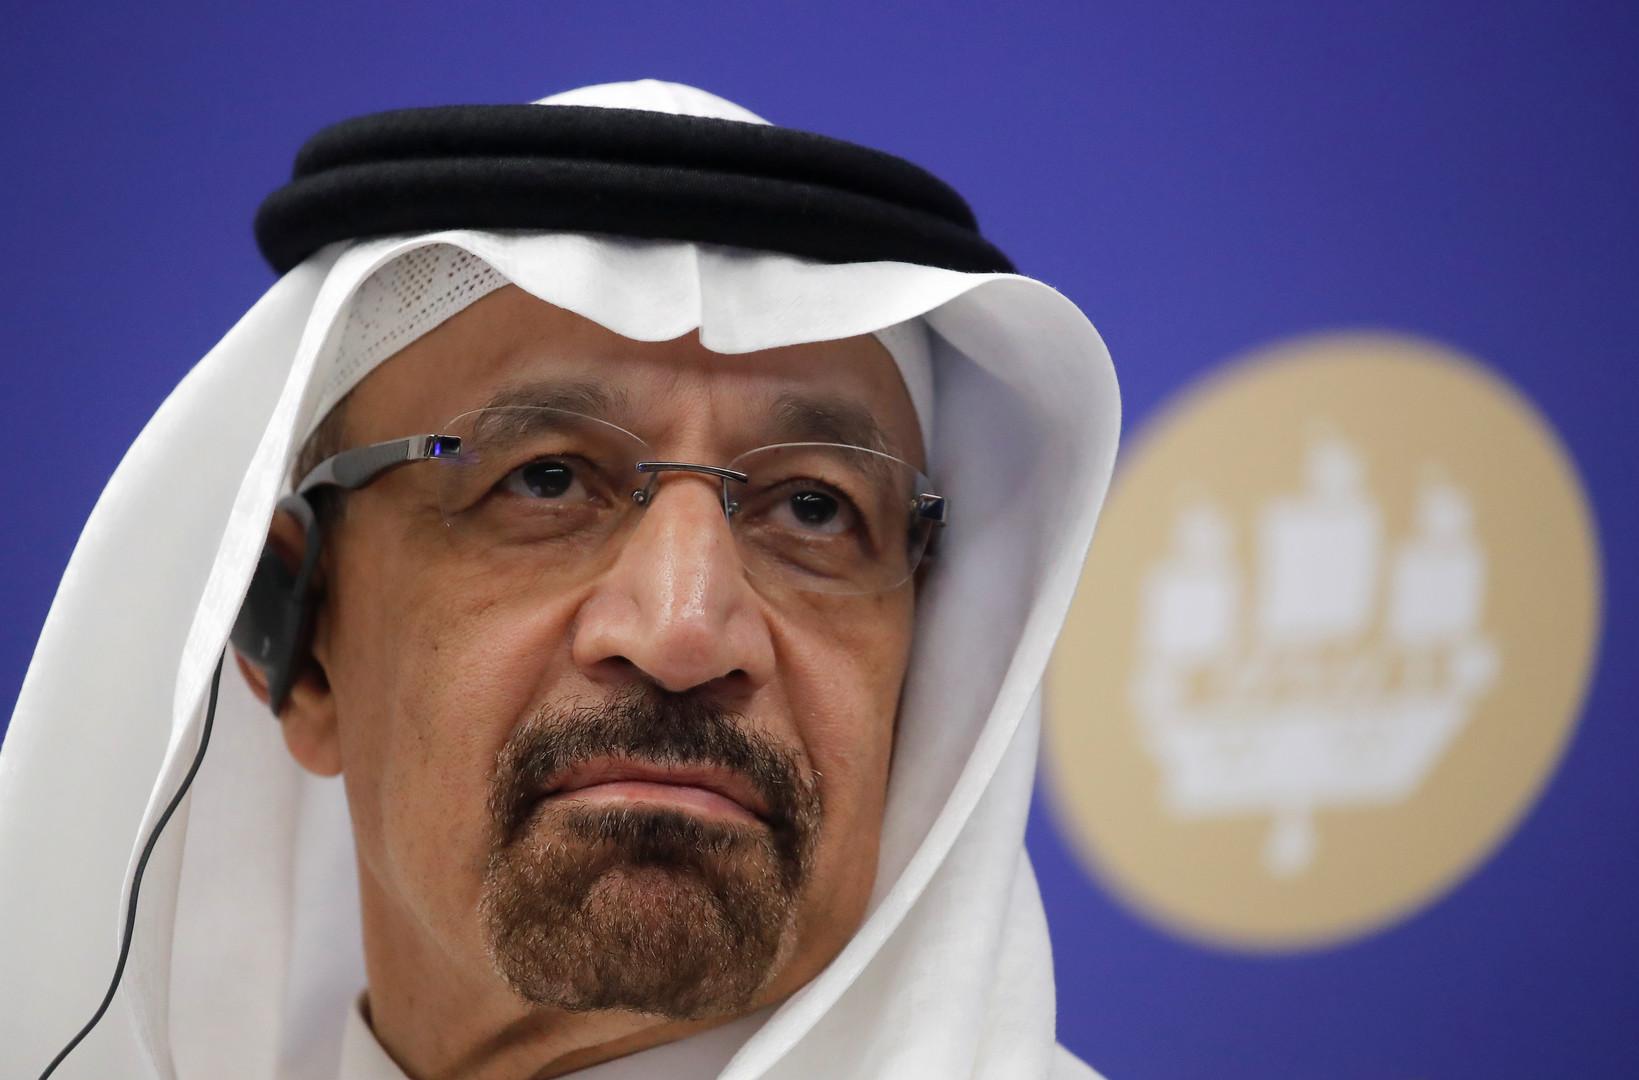 السعودية توجه رسالة لطمأنة أسواق النفط بعد حادث الناقلتين في بحر عمان